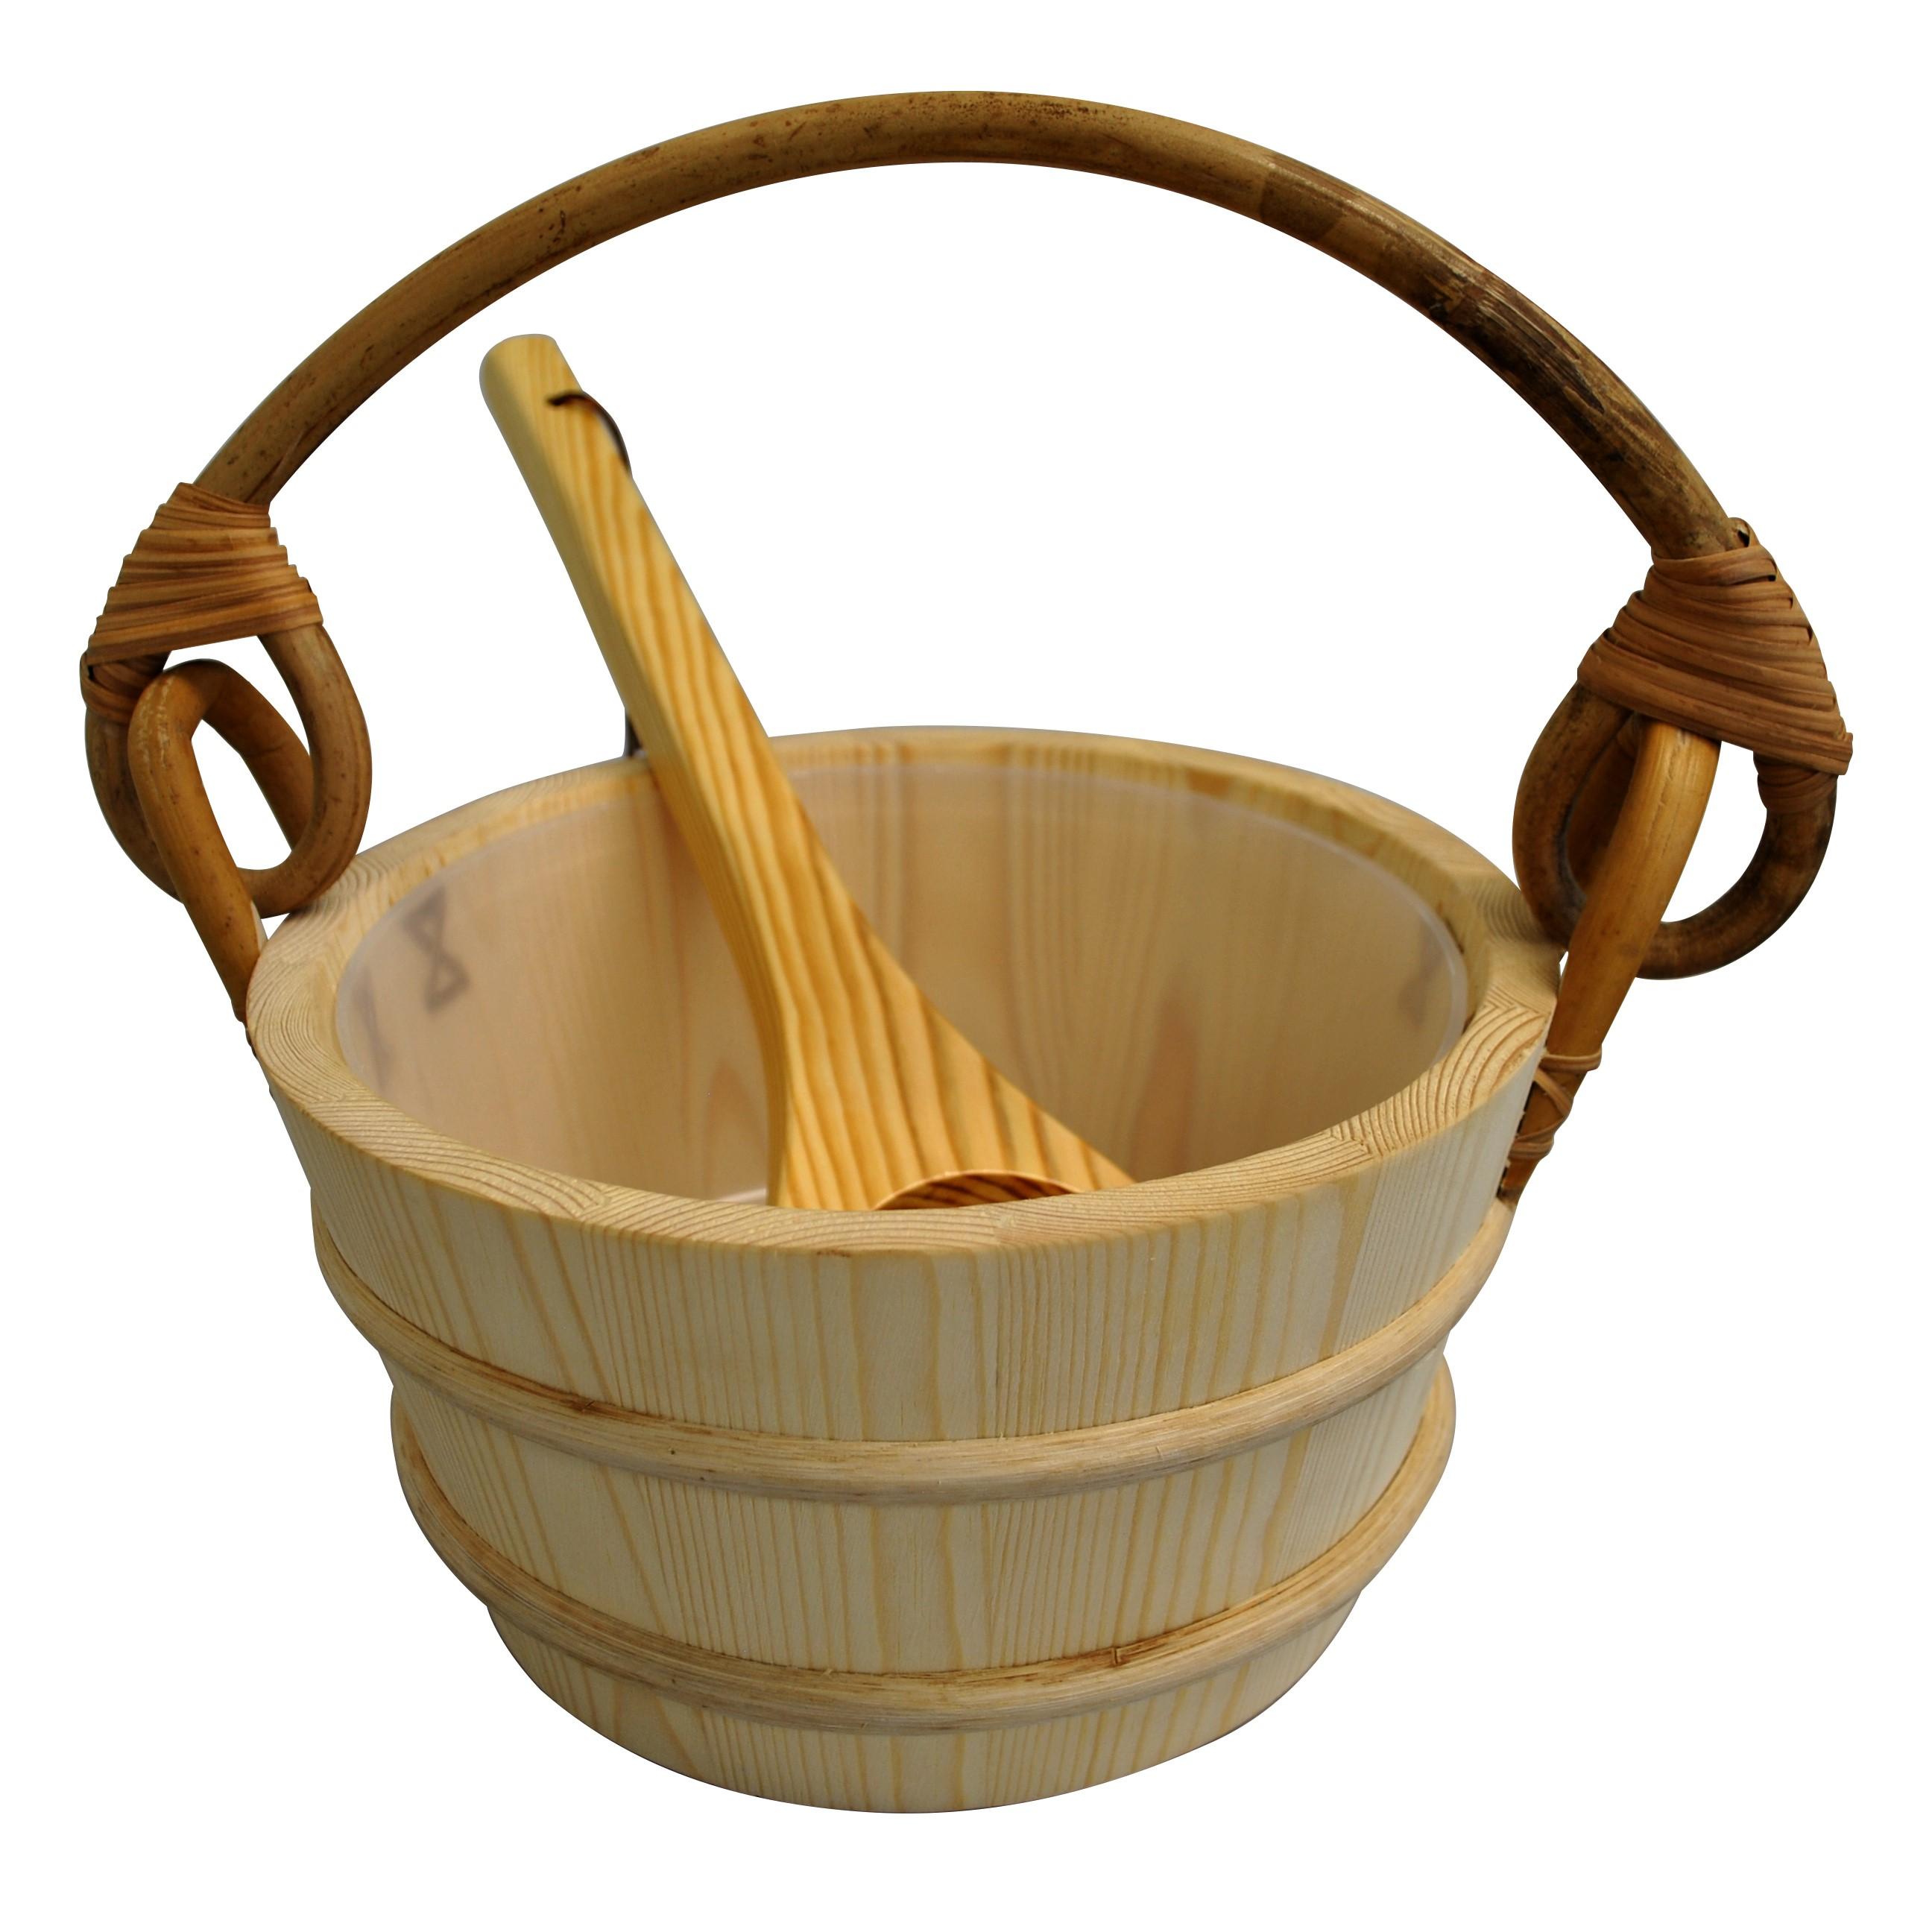 Pine Sauna Bucket with Scoop Ladle & Liner